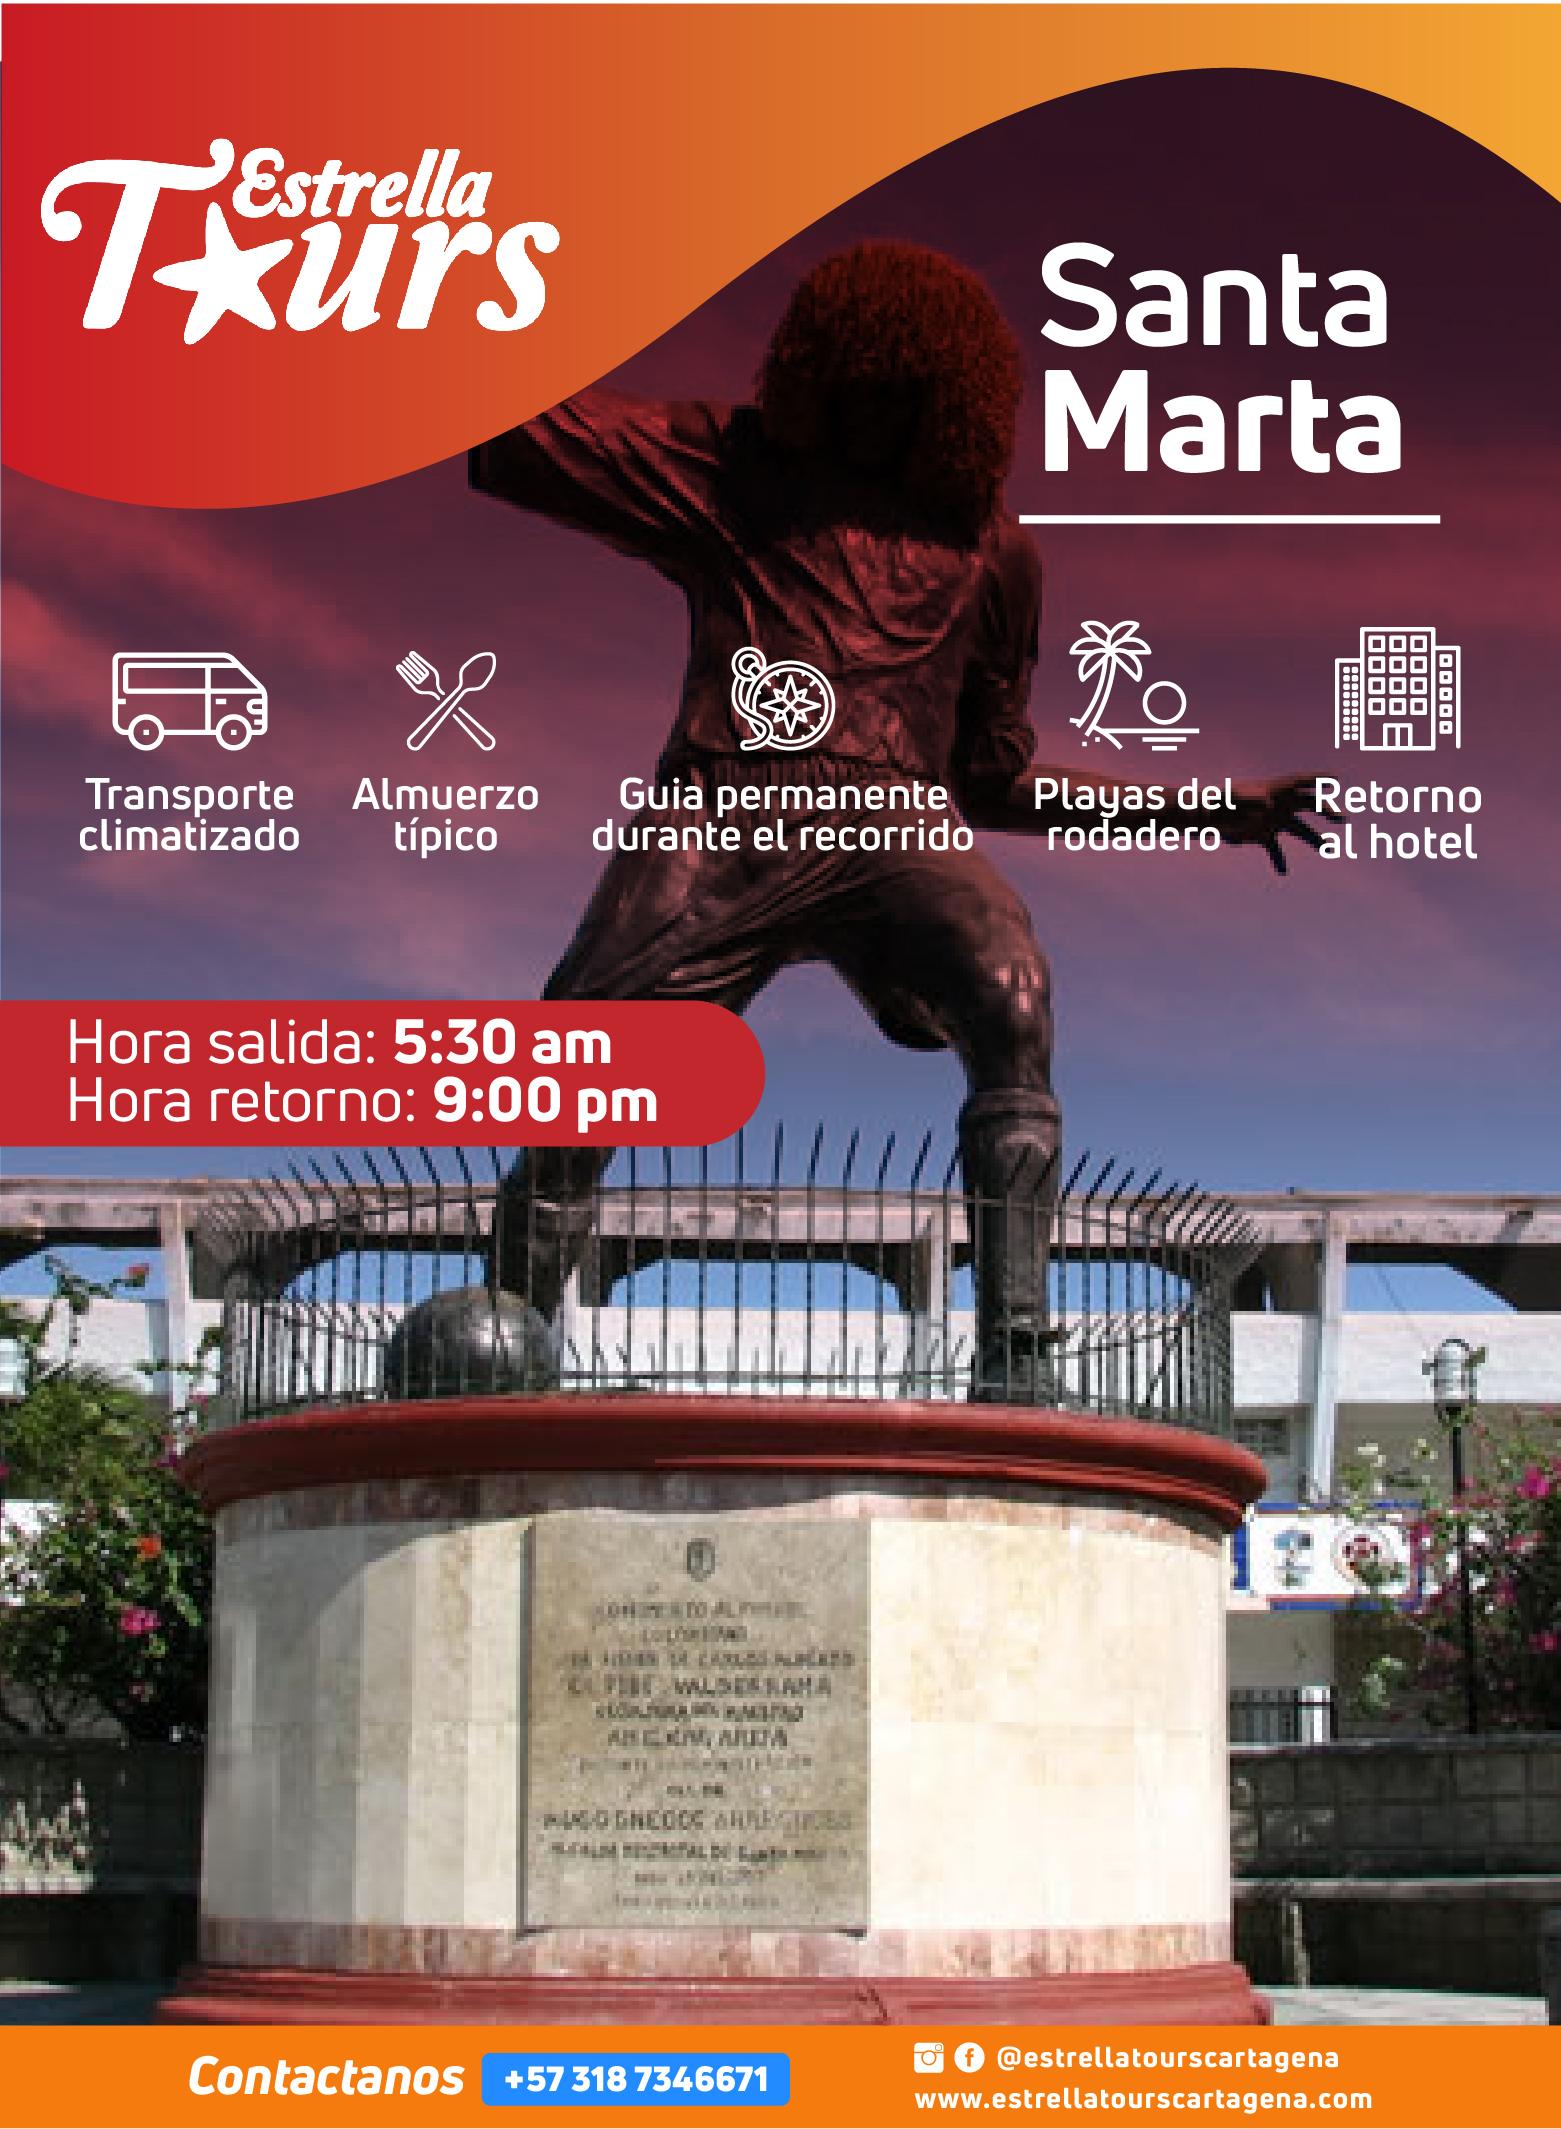 Santa marta_tour